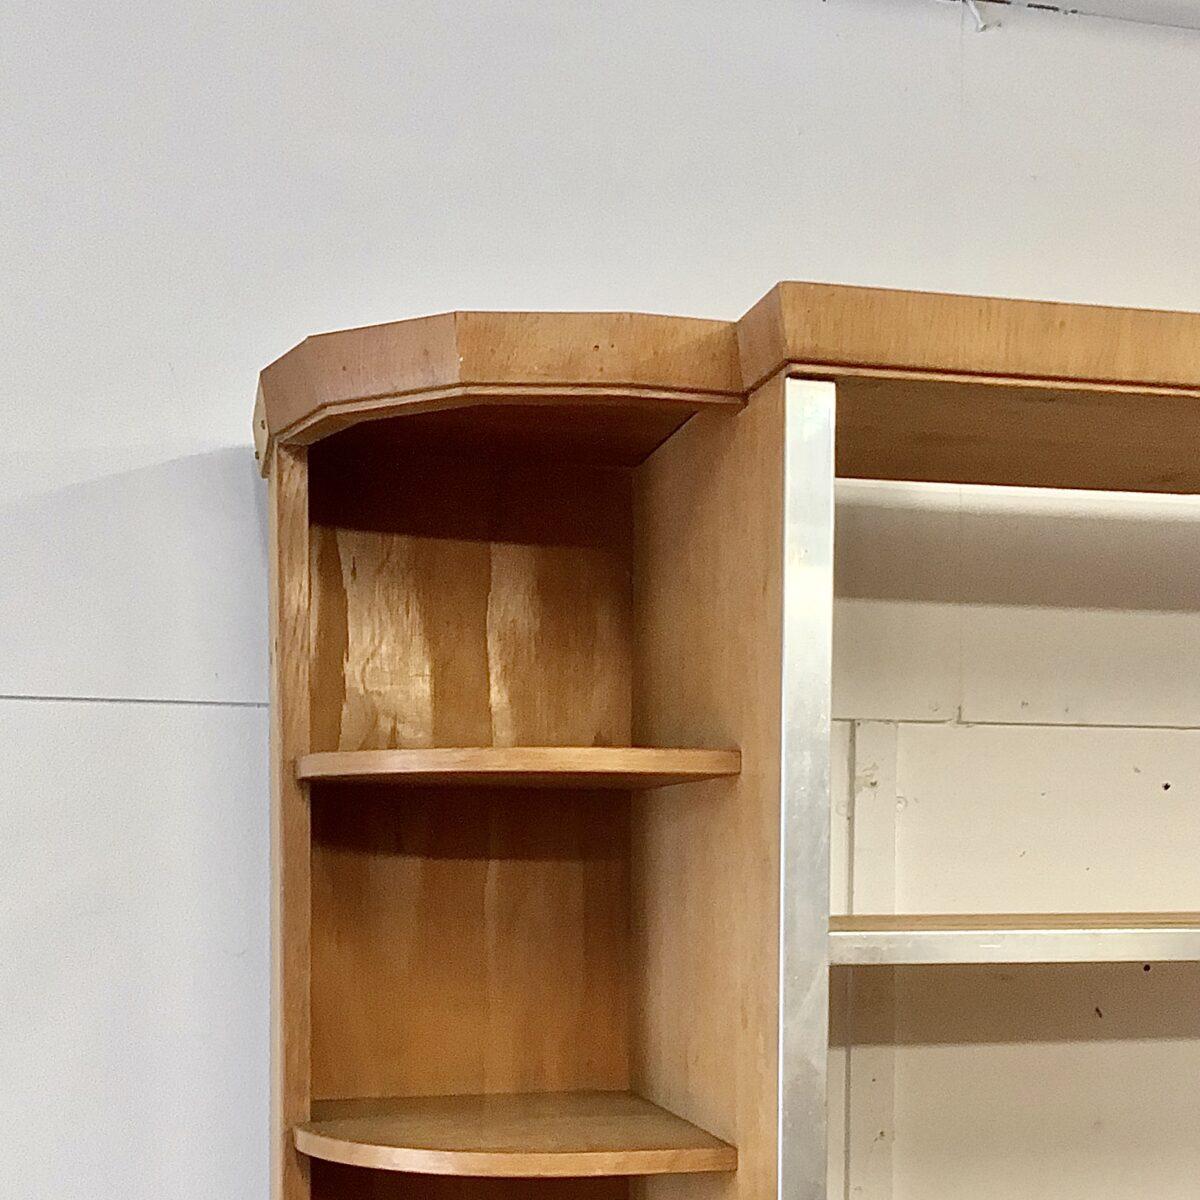 Eichen Schubladenmöbel mit Bäckerei Brotregal. Sideboard 232x50cm Höhe 60cm. Regal 230x40cm Höhe 164cm. Kommode mit Linoleum Deckblatt, schwarzem Sockel und 12 Schubladen. Regal mit Aluminium Kanten und höhenverstellbaren Holzrost Tablaren. Die untersten Tablare sind fix und haben ein herausnehmbarer Rost, um die Brotkrümel zu entleeren.